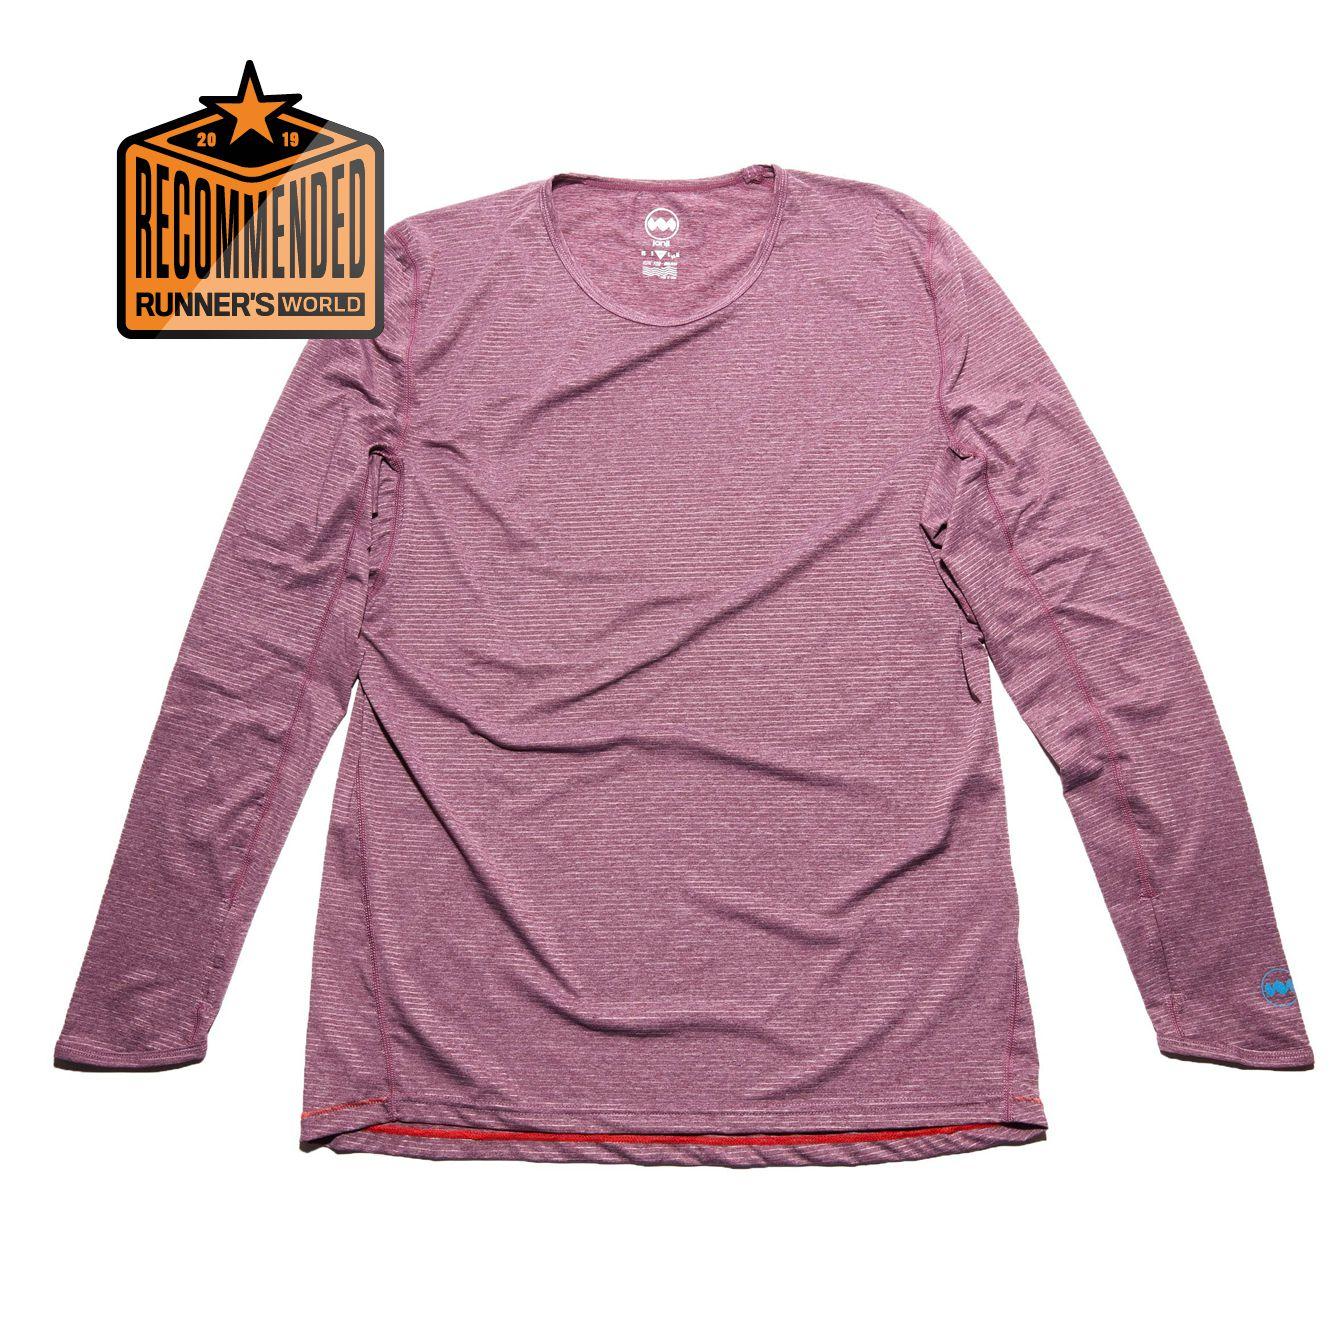 5813d5f8c436 Best Running Shirts